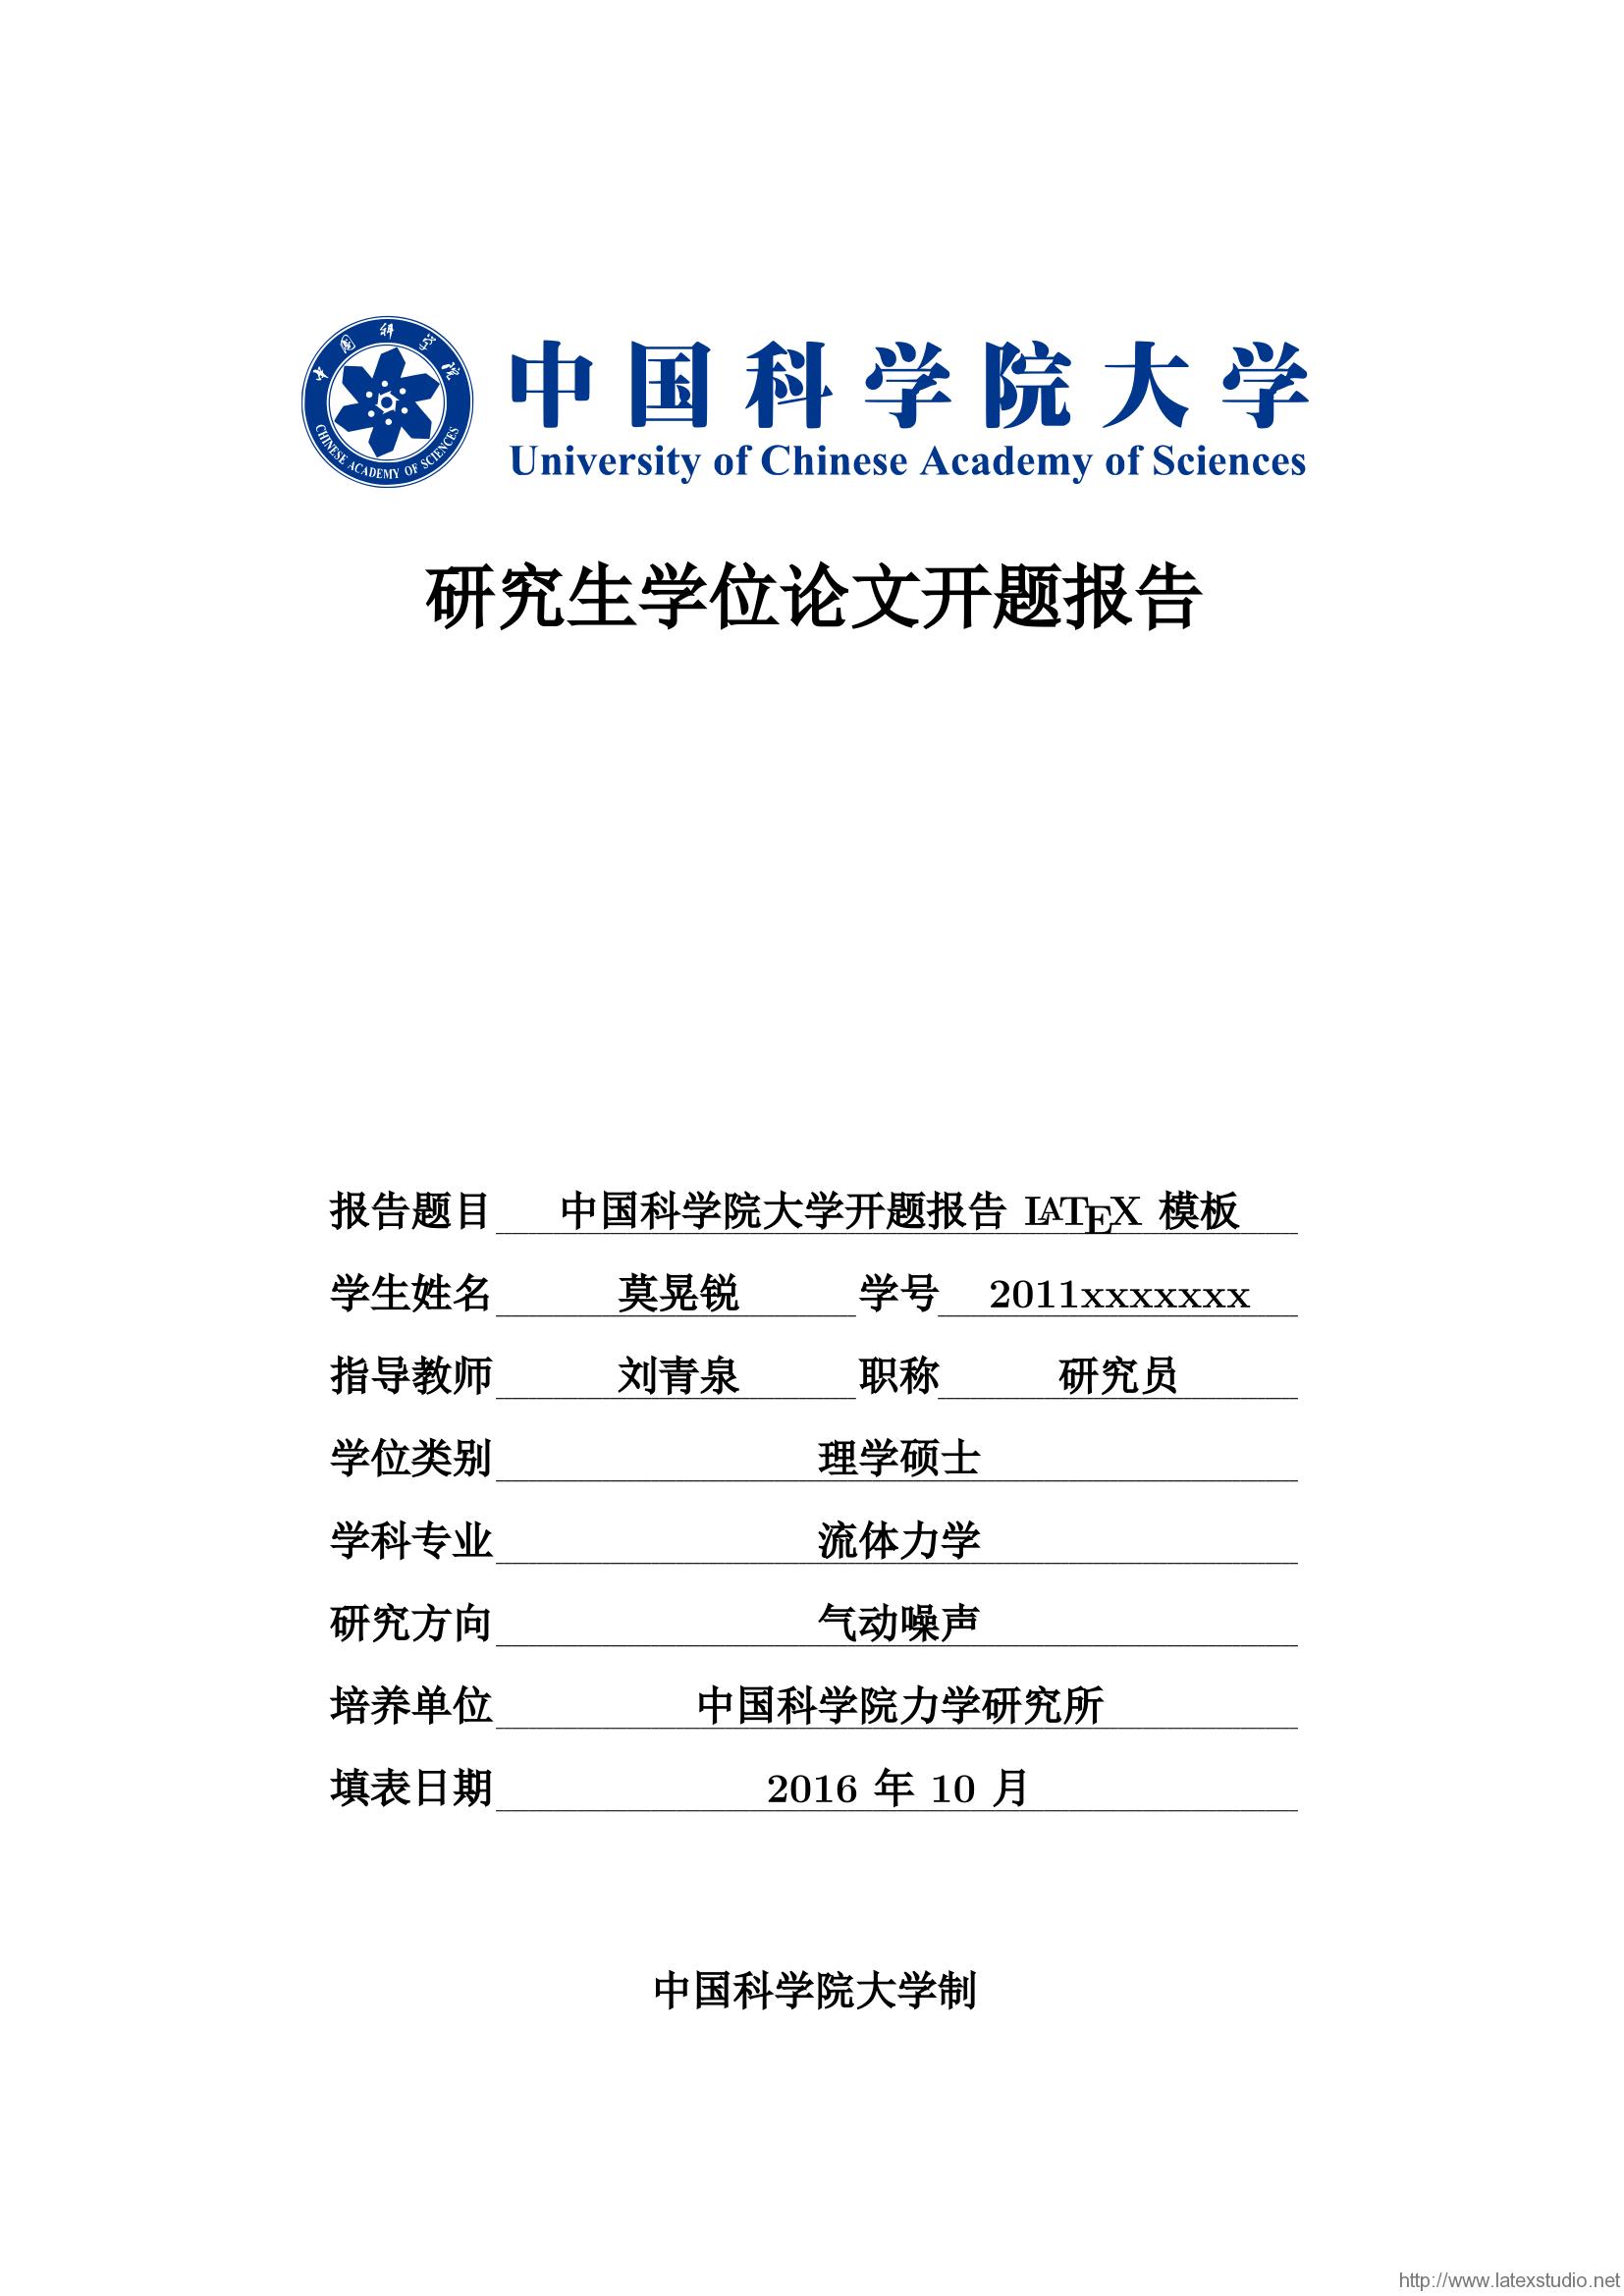 proposal_sample-1